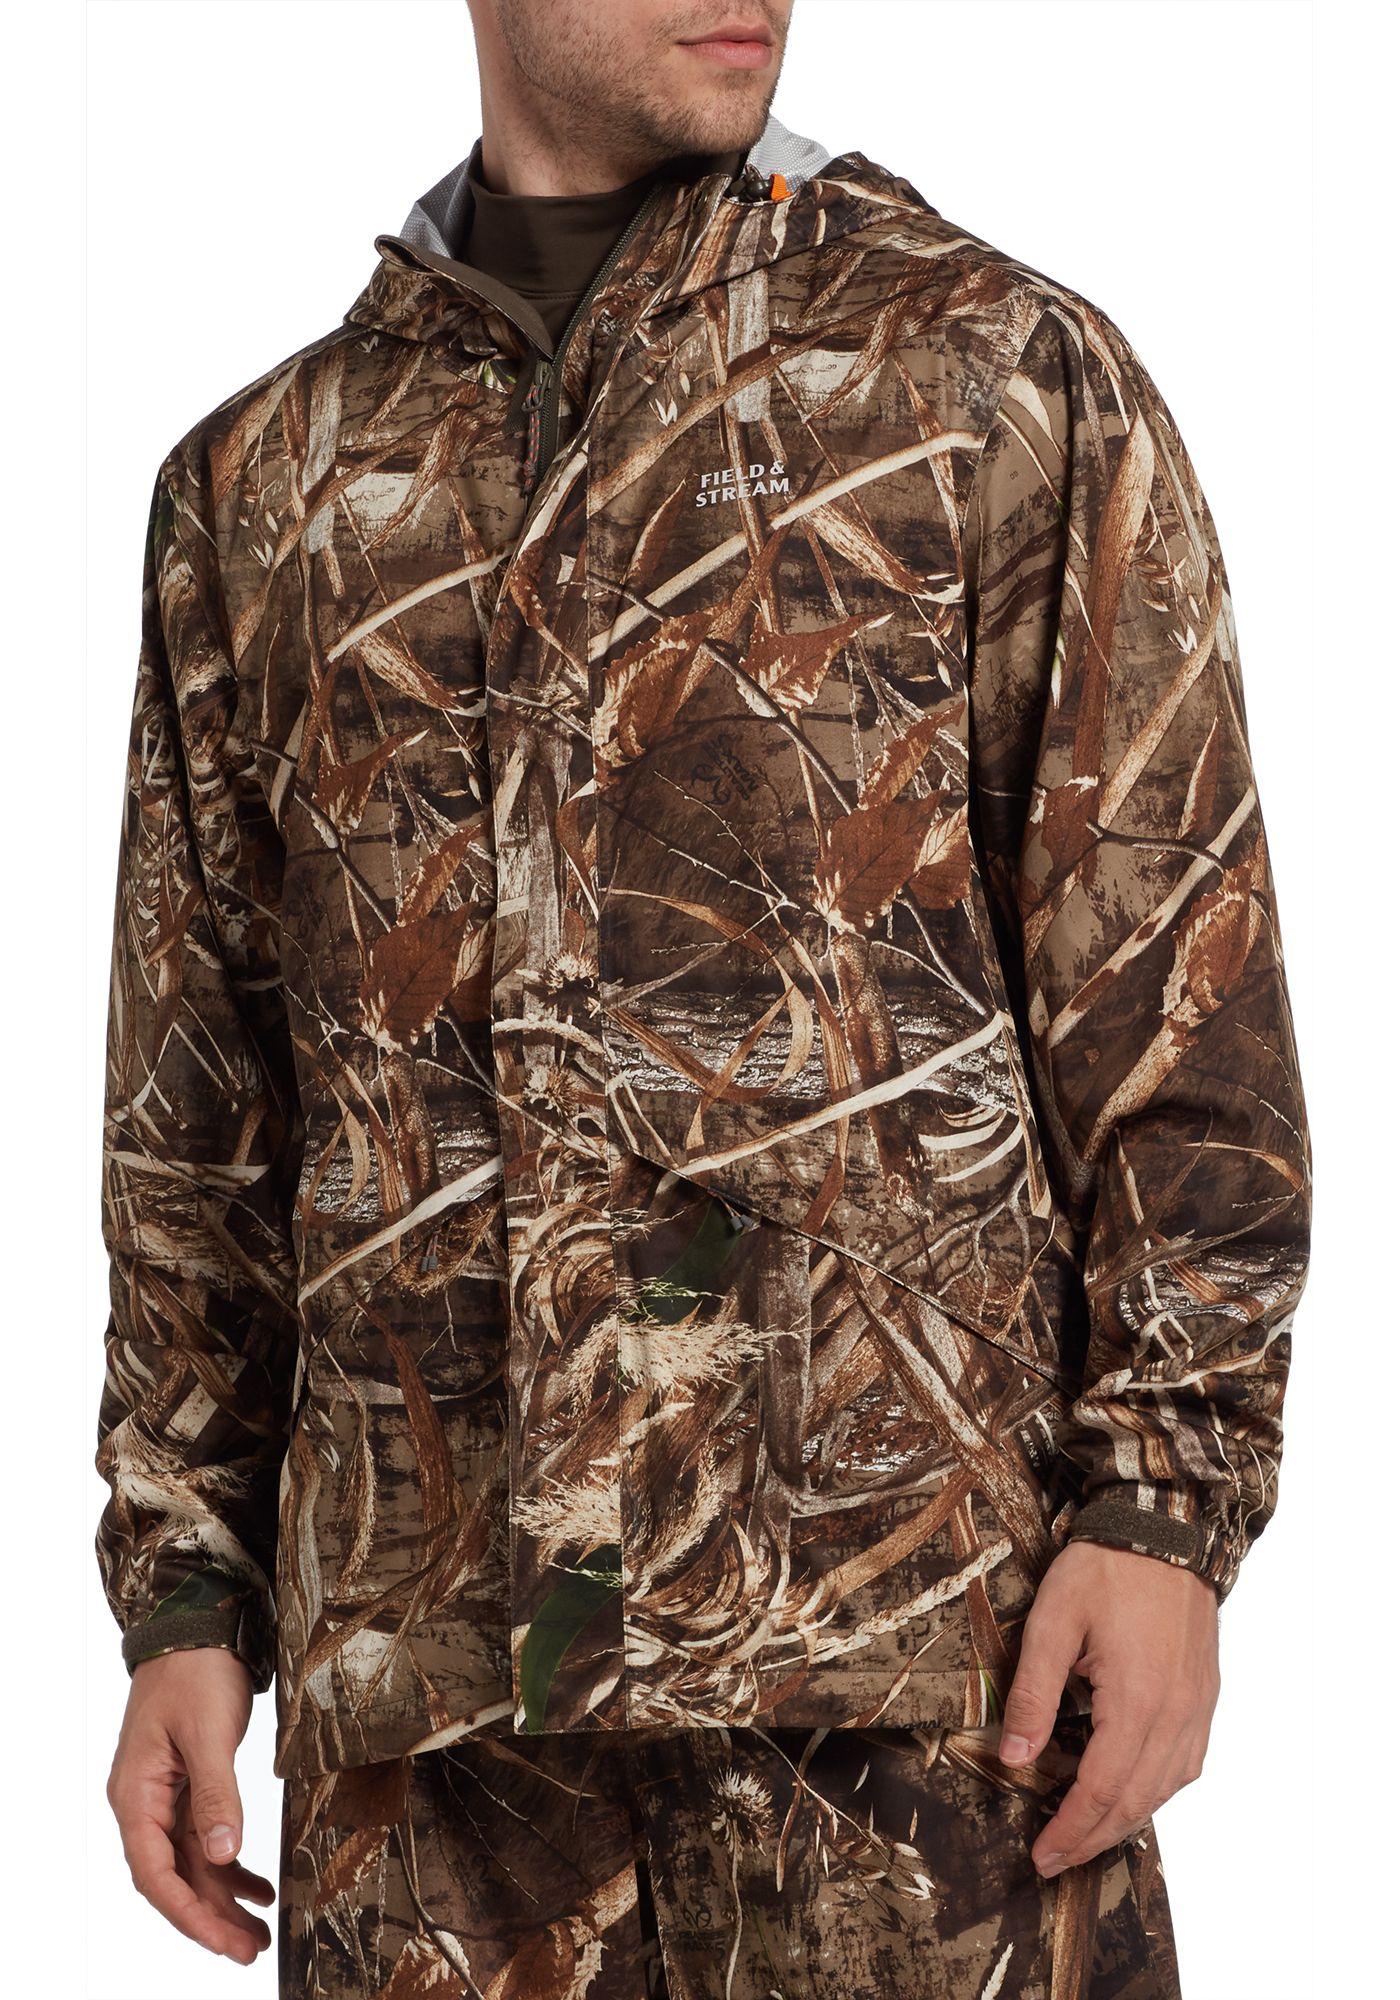 Field & Stream Men's Every Hunt Packable Rain Jacket